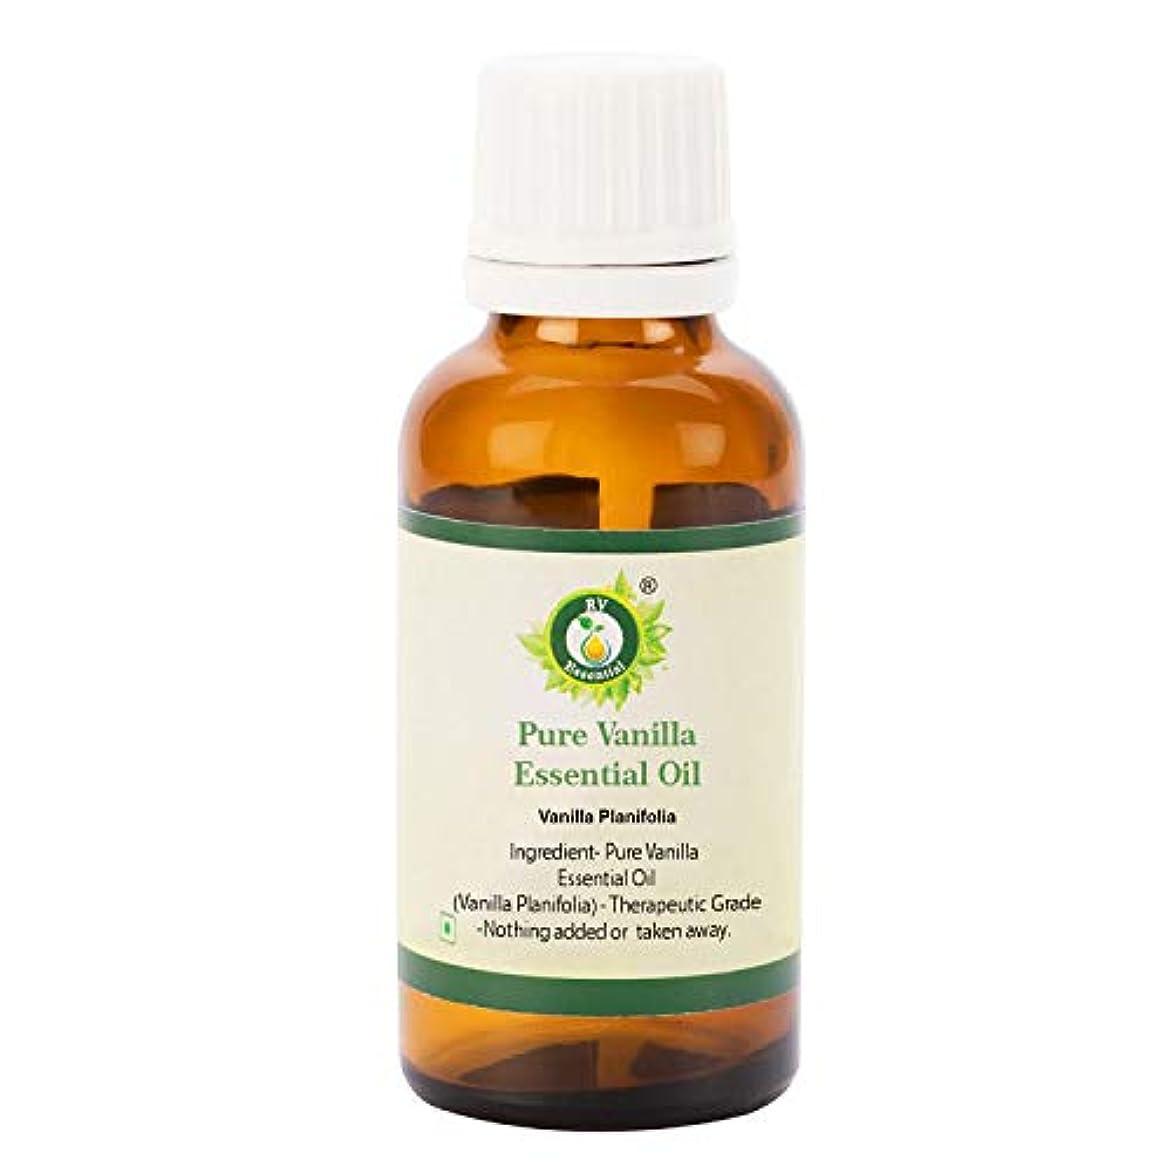 援助レーザ雑草R V Essential ピュアバニラエッセンシャルオイル100ml (3.38oz)- Vanilla Planifolia (100%純粋&天然) Pure Vanilla Essential Oil